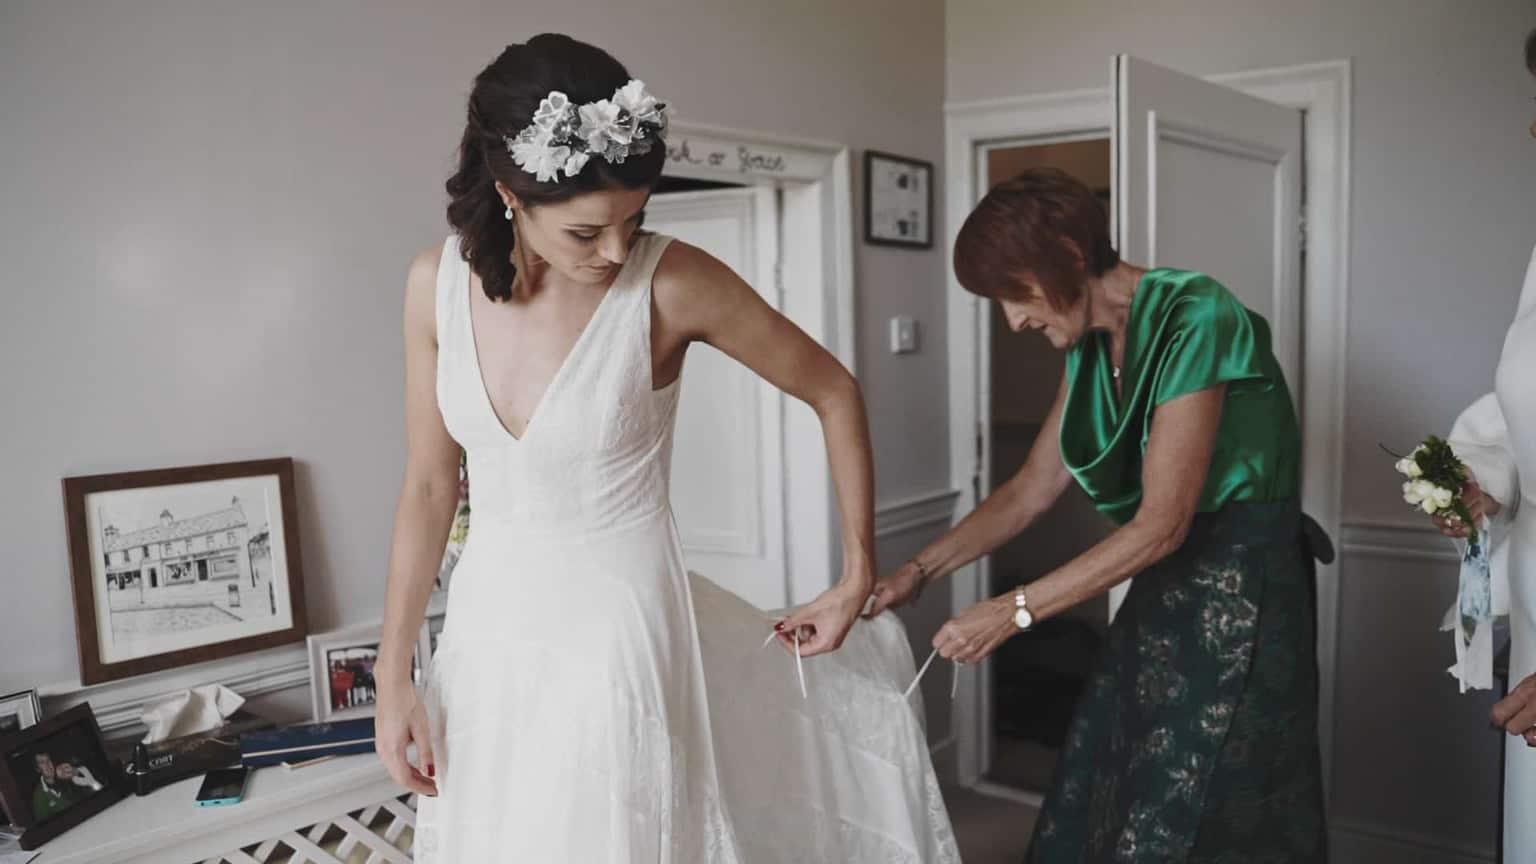 Bride is getting dressed